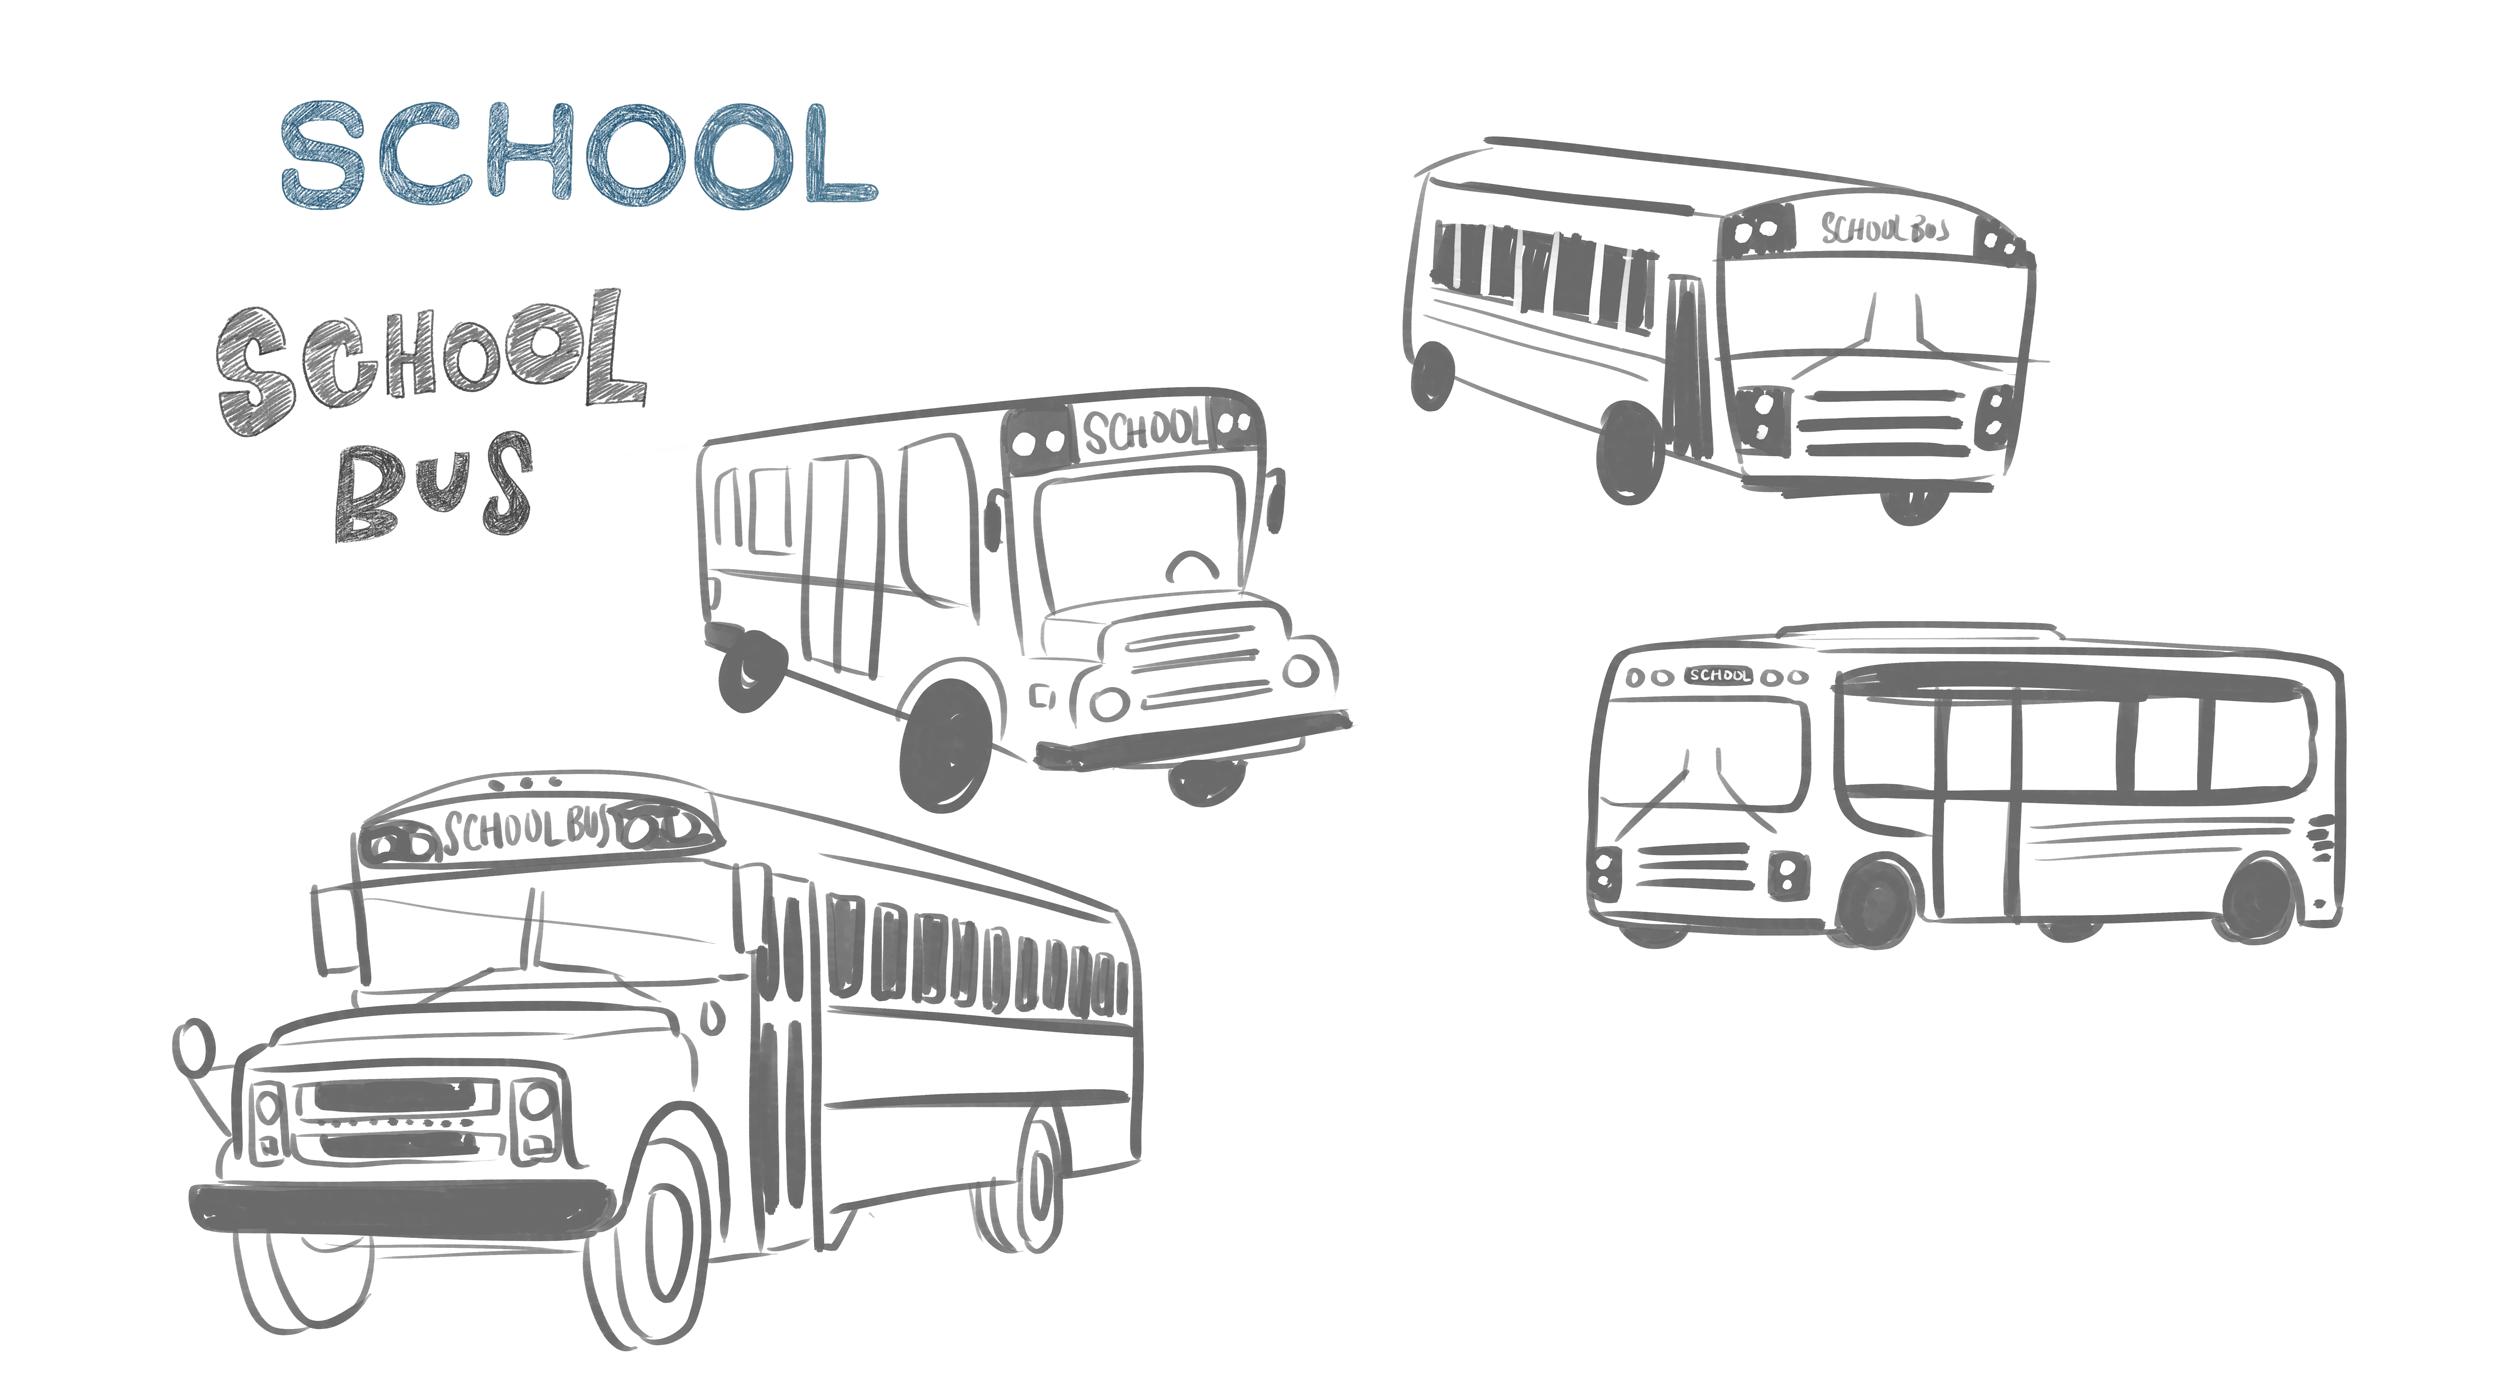 BELLWETHER-SCHOOL-TRANSPORTATION-COGNITIVE-06.png